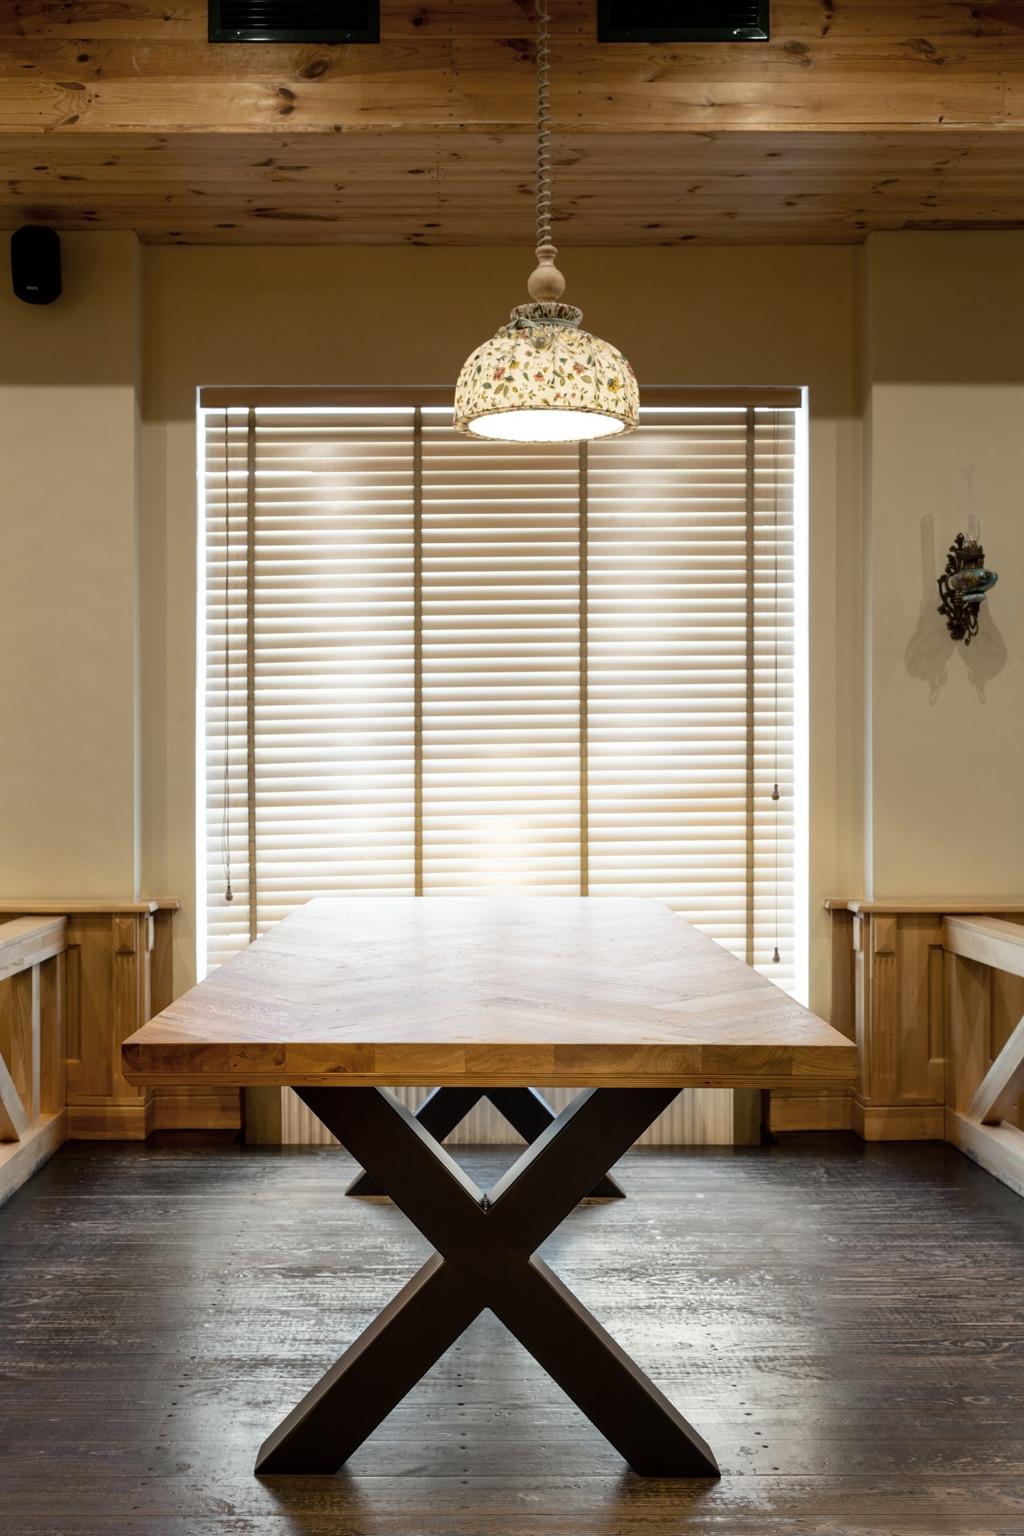 dessus de table en bois non fini à vendre